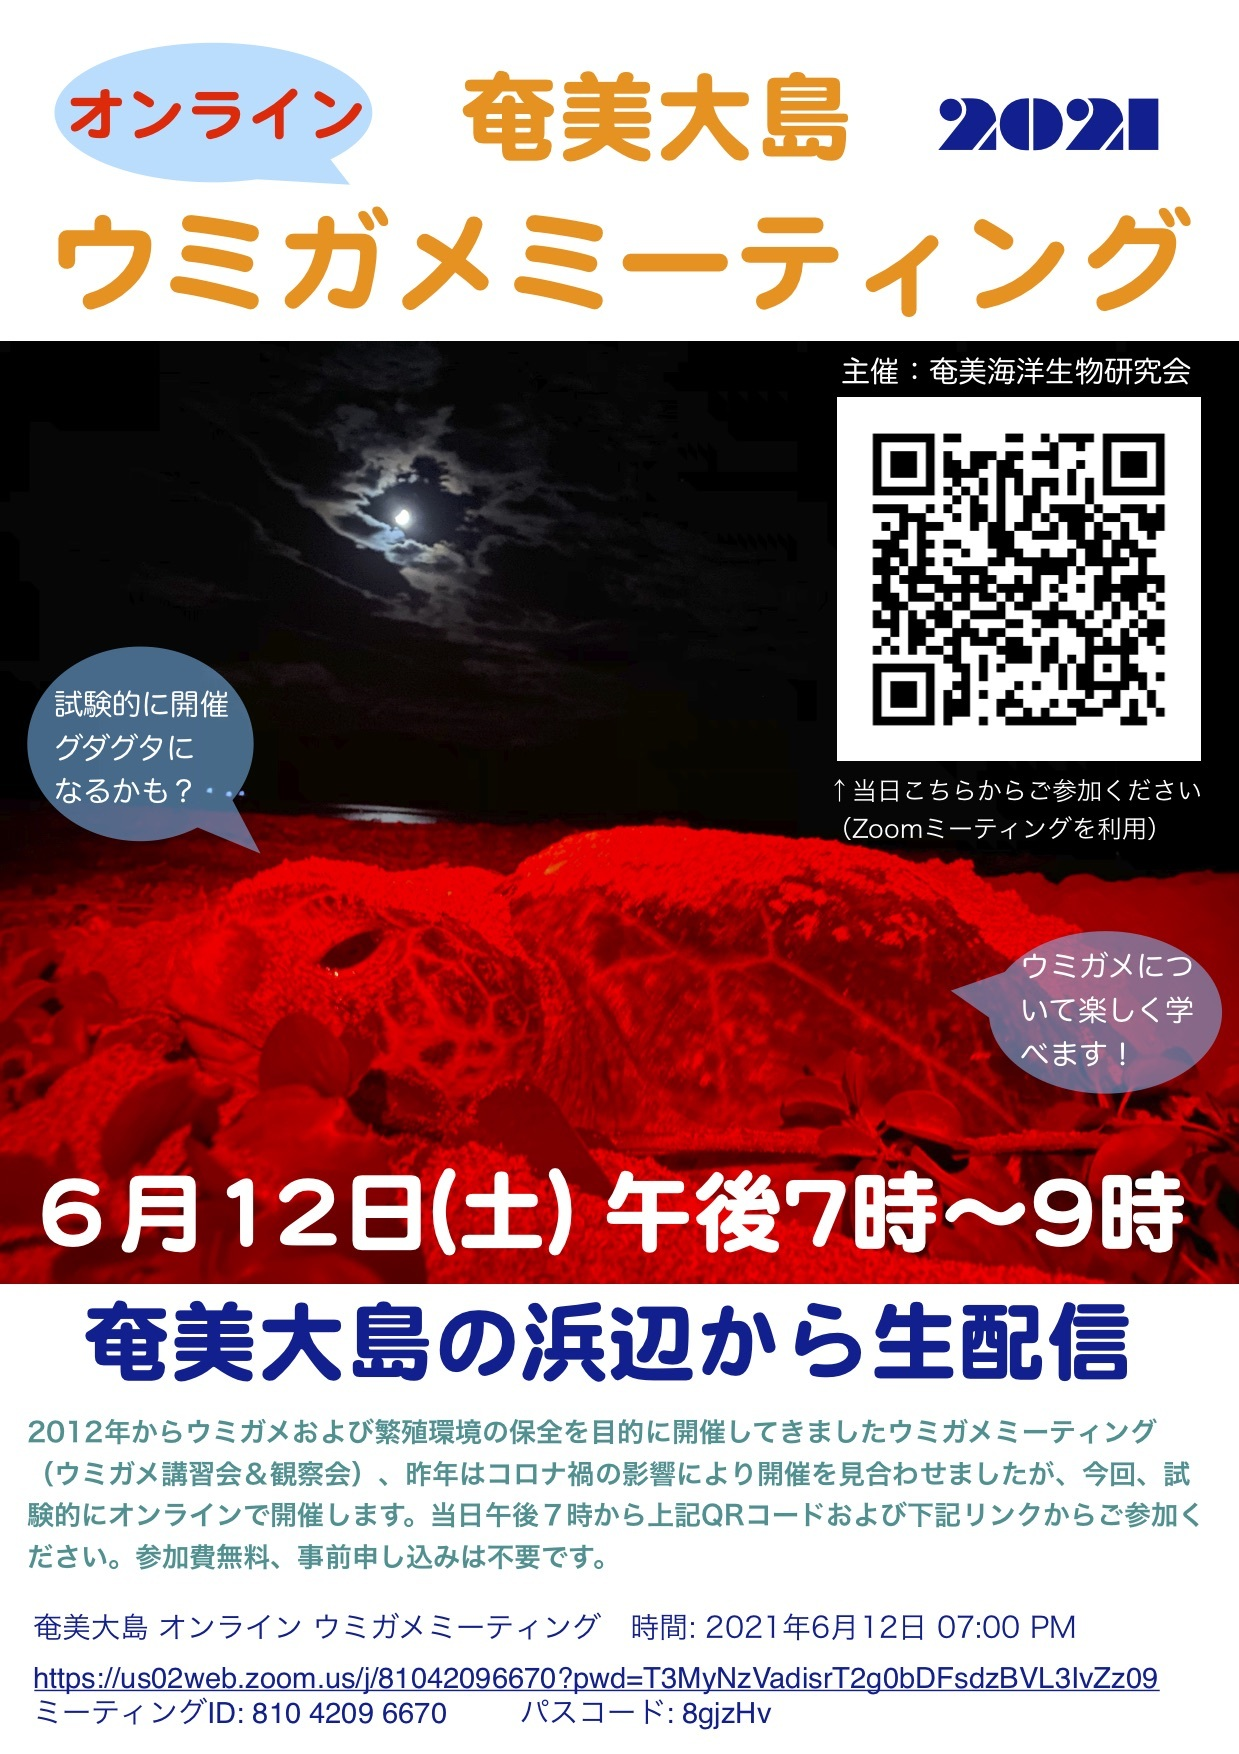 6/12 オンライン ウミガメミーティング開催_a0010095_16334185.jpg